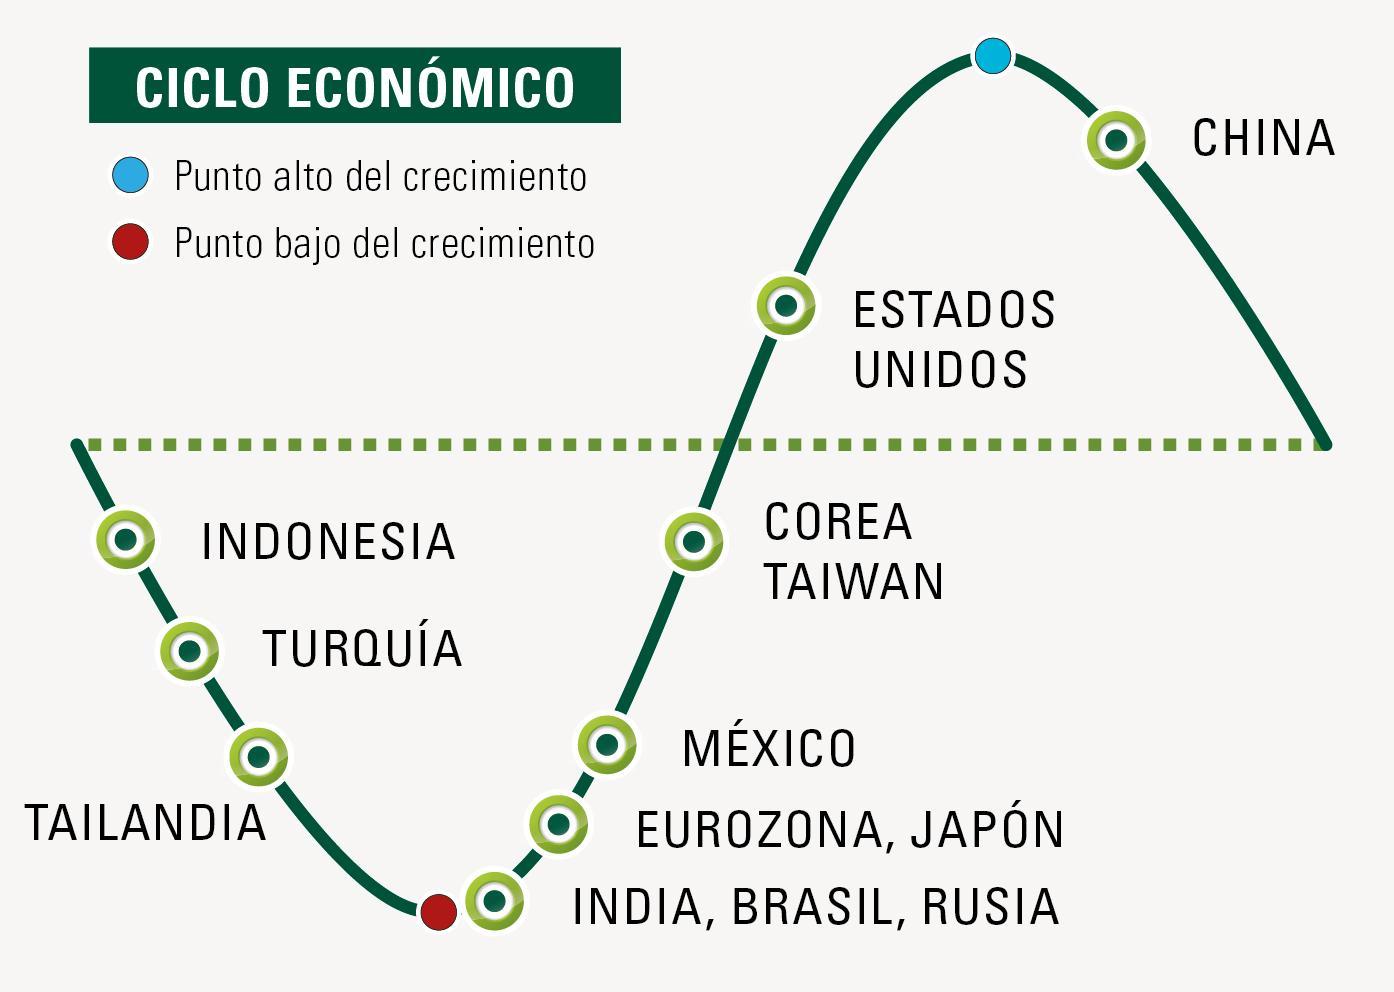 Ciclo económico países